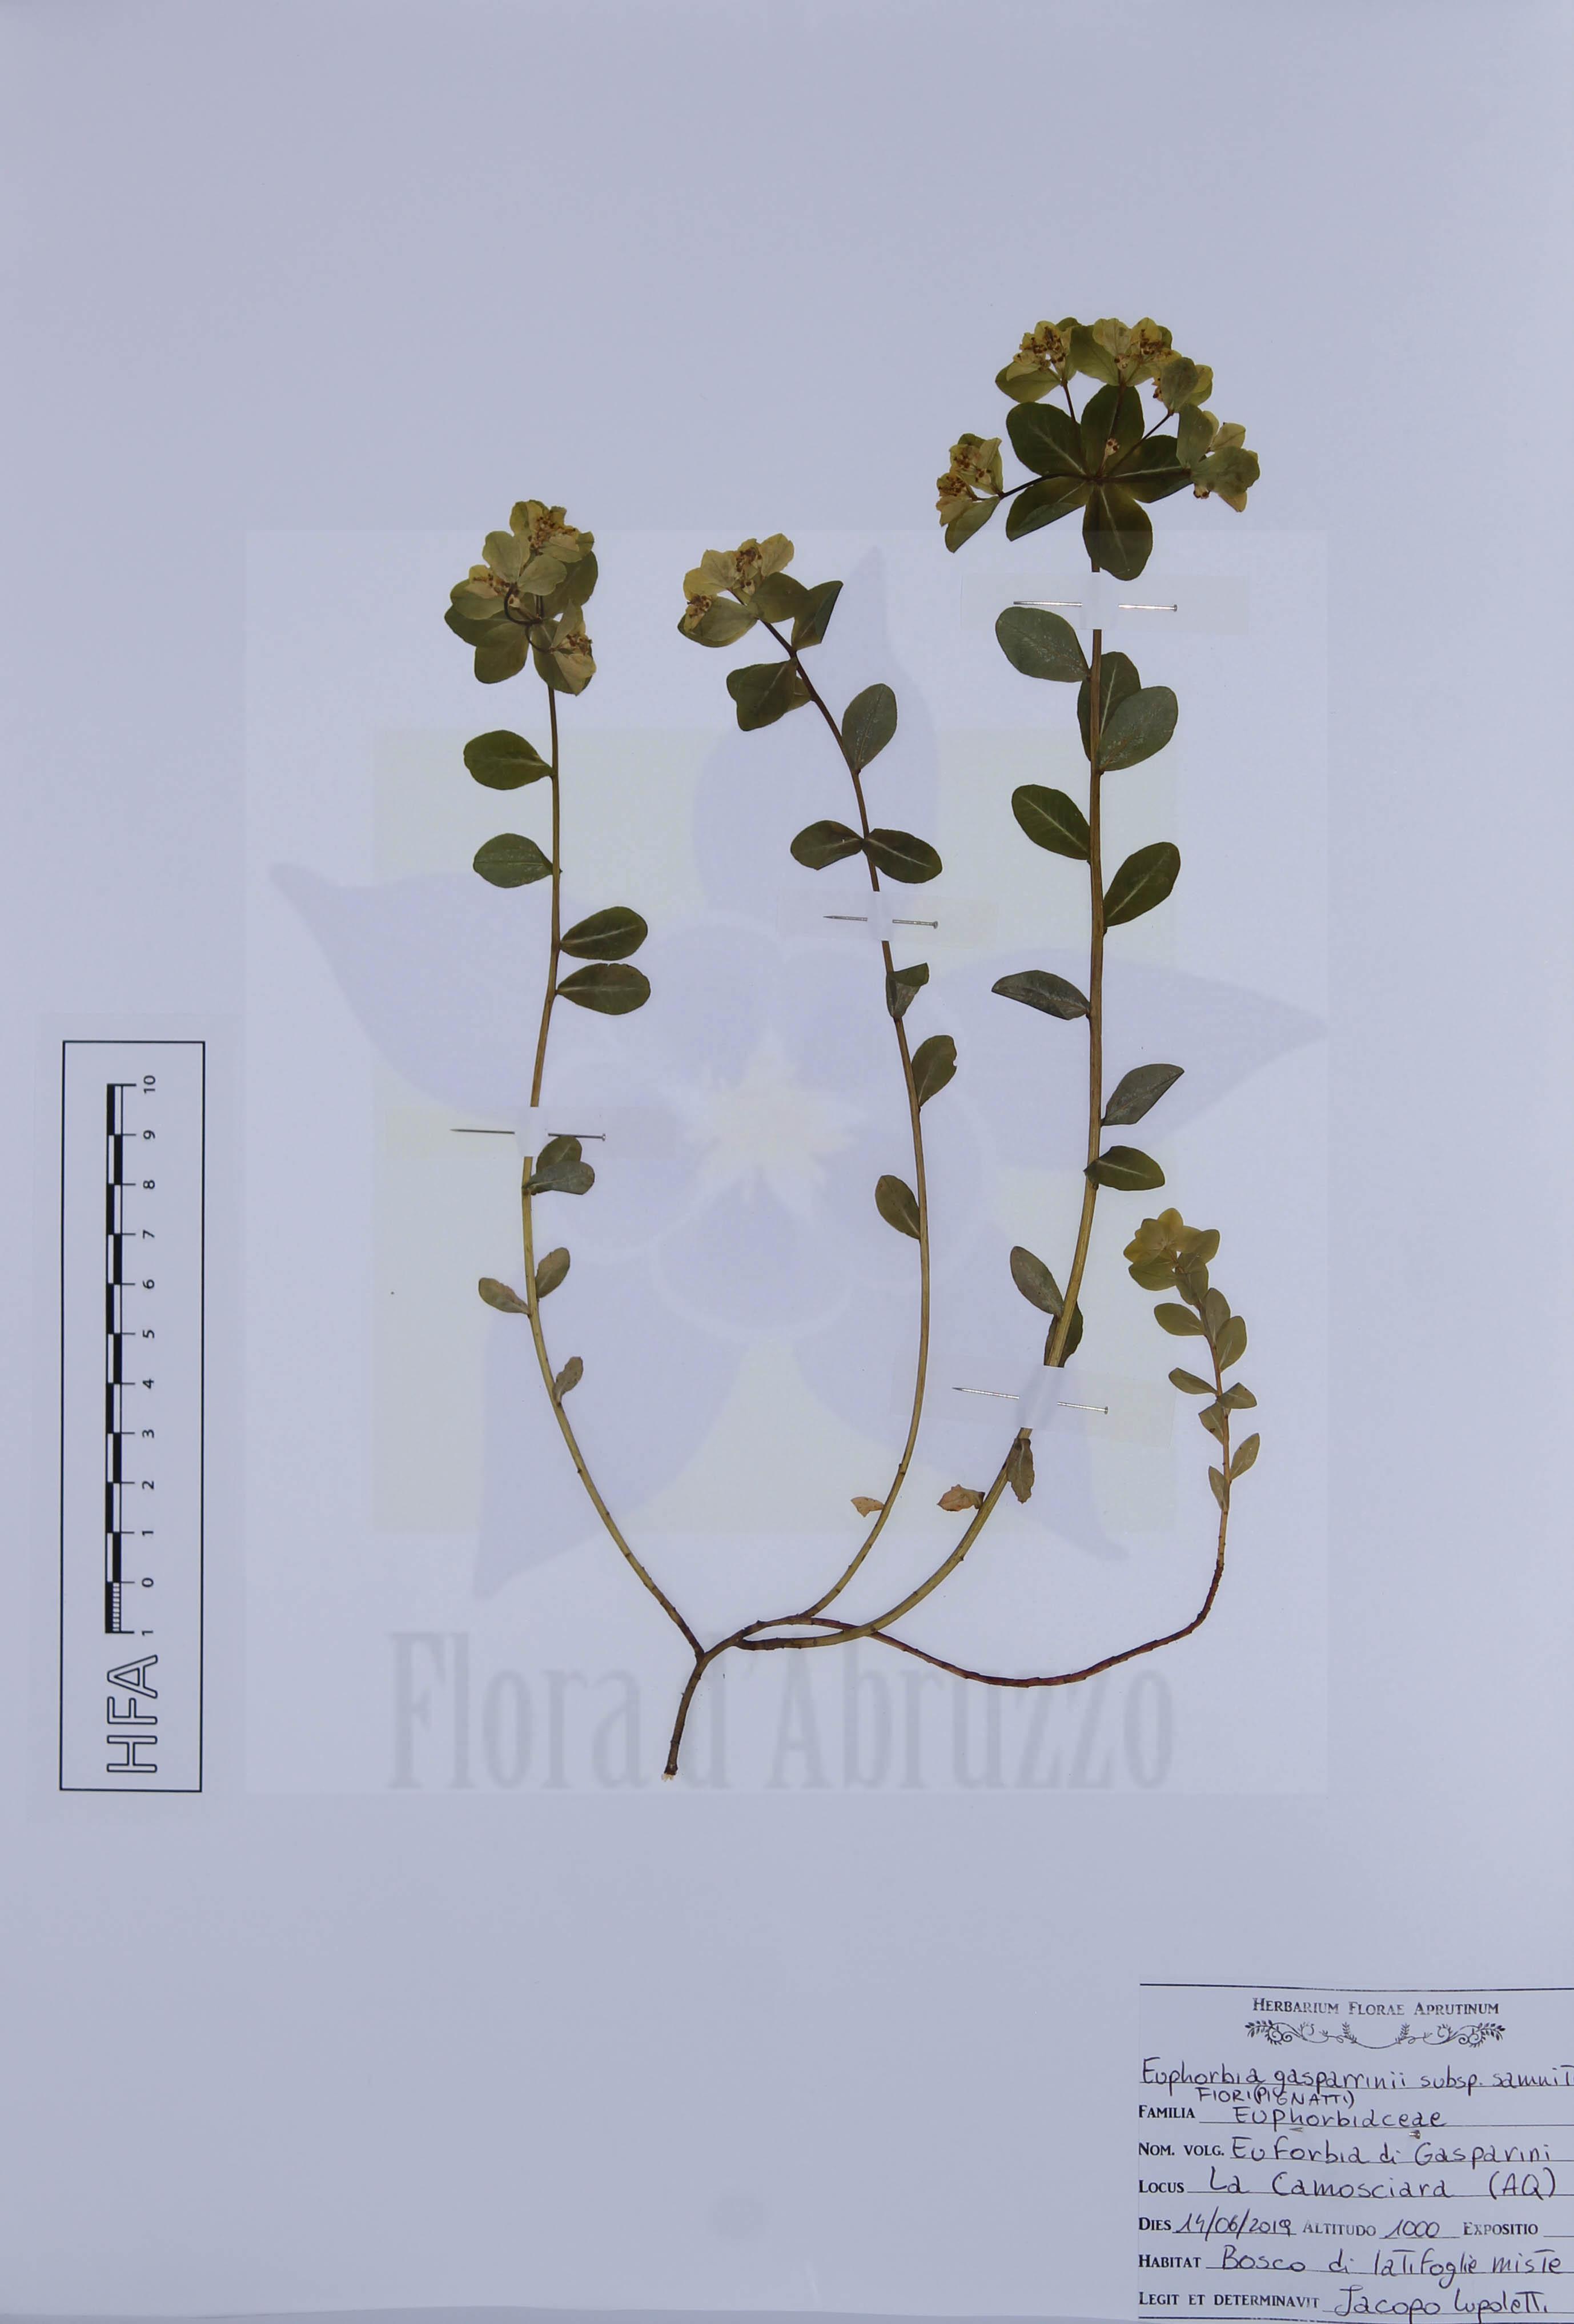 Euphorbia gasparriniisubsp.samnitica(Fiori) Pignatti